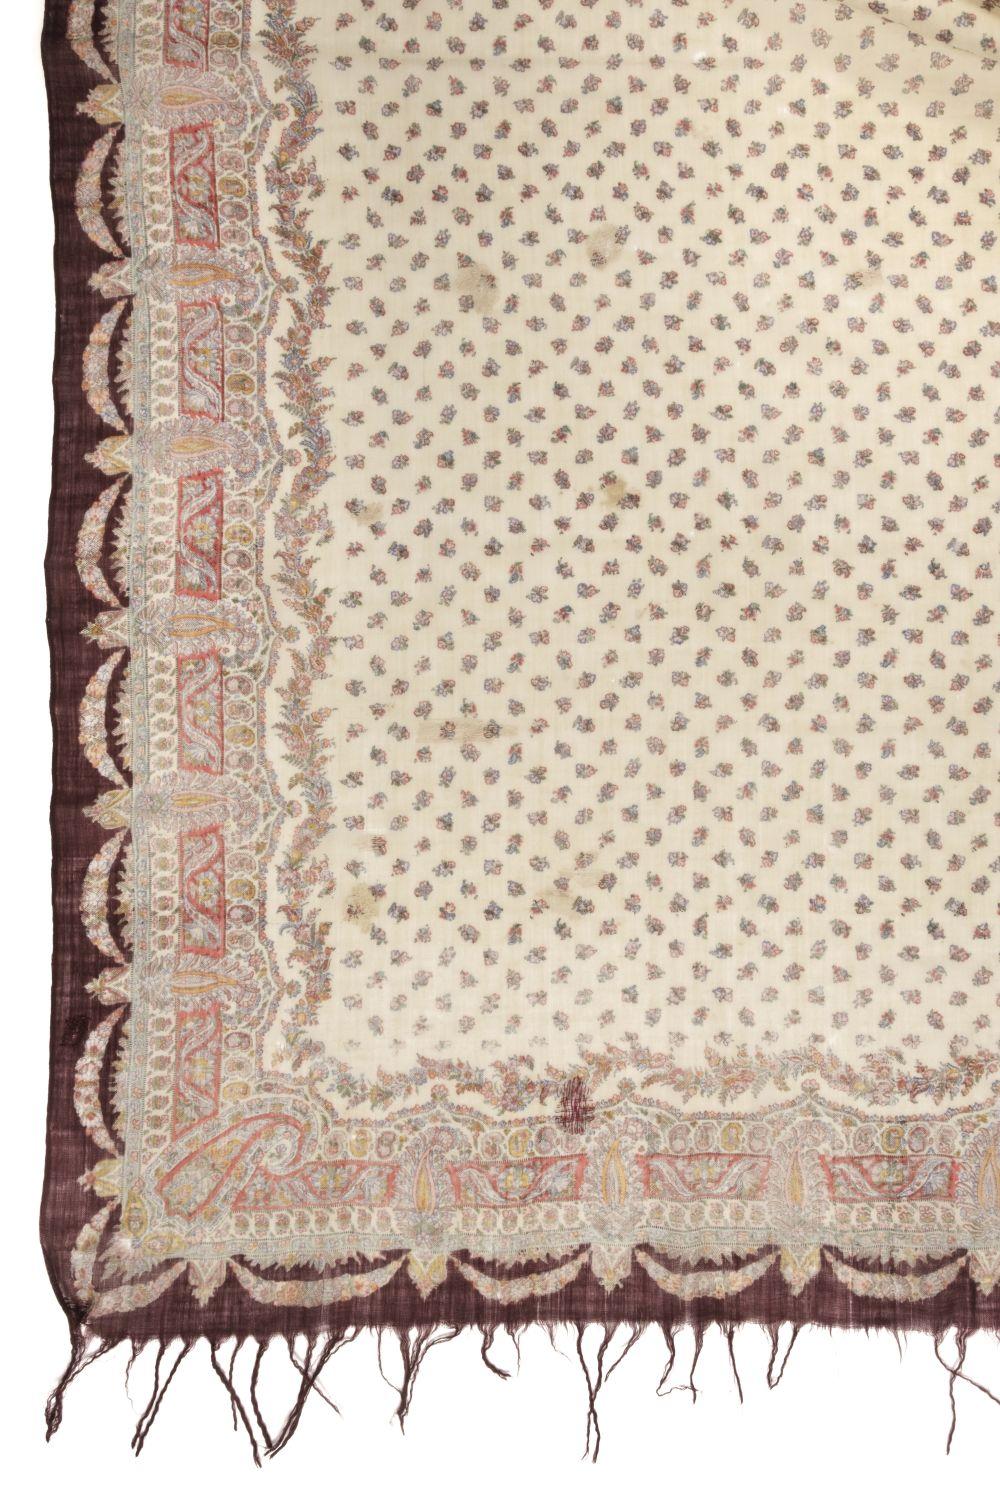 * Shawls. Two Norwich shawls, circa 1860-1880